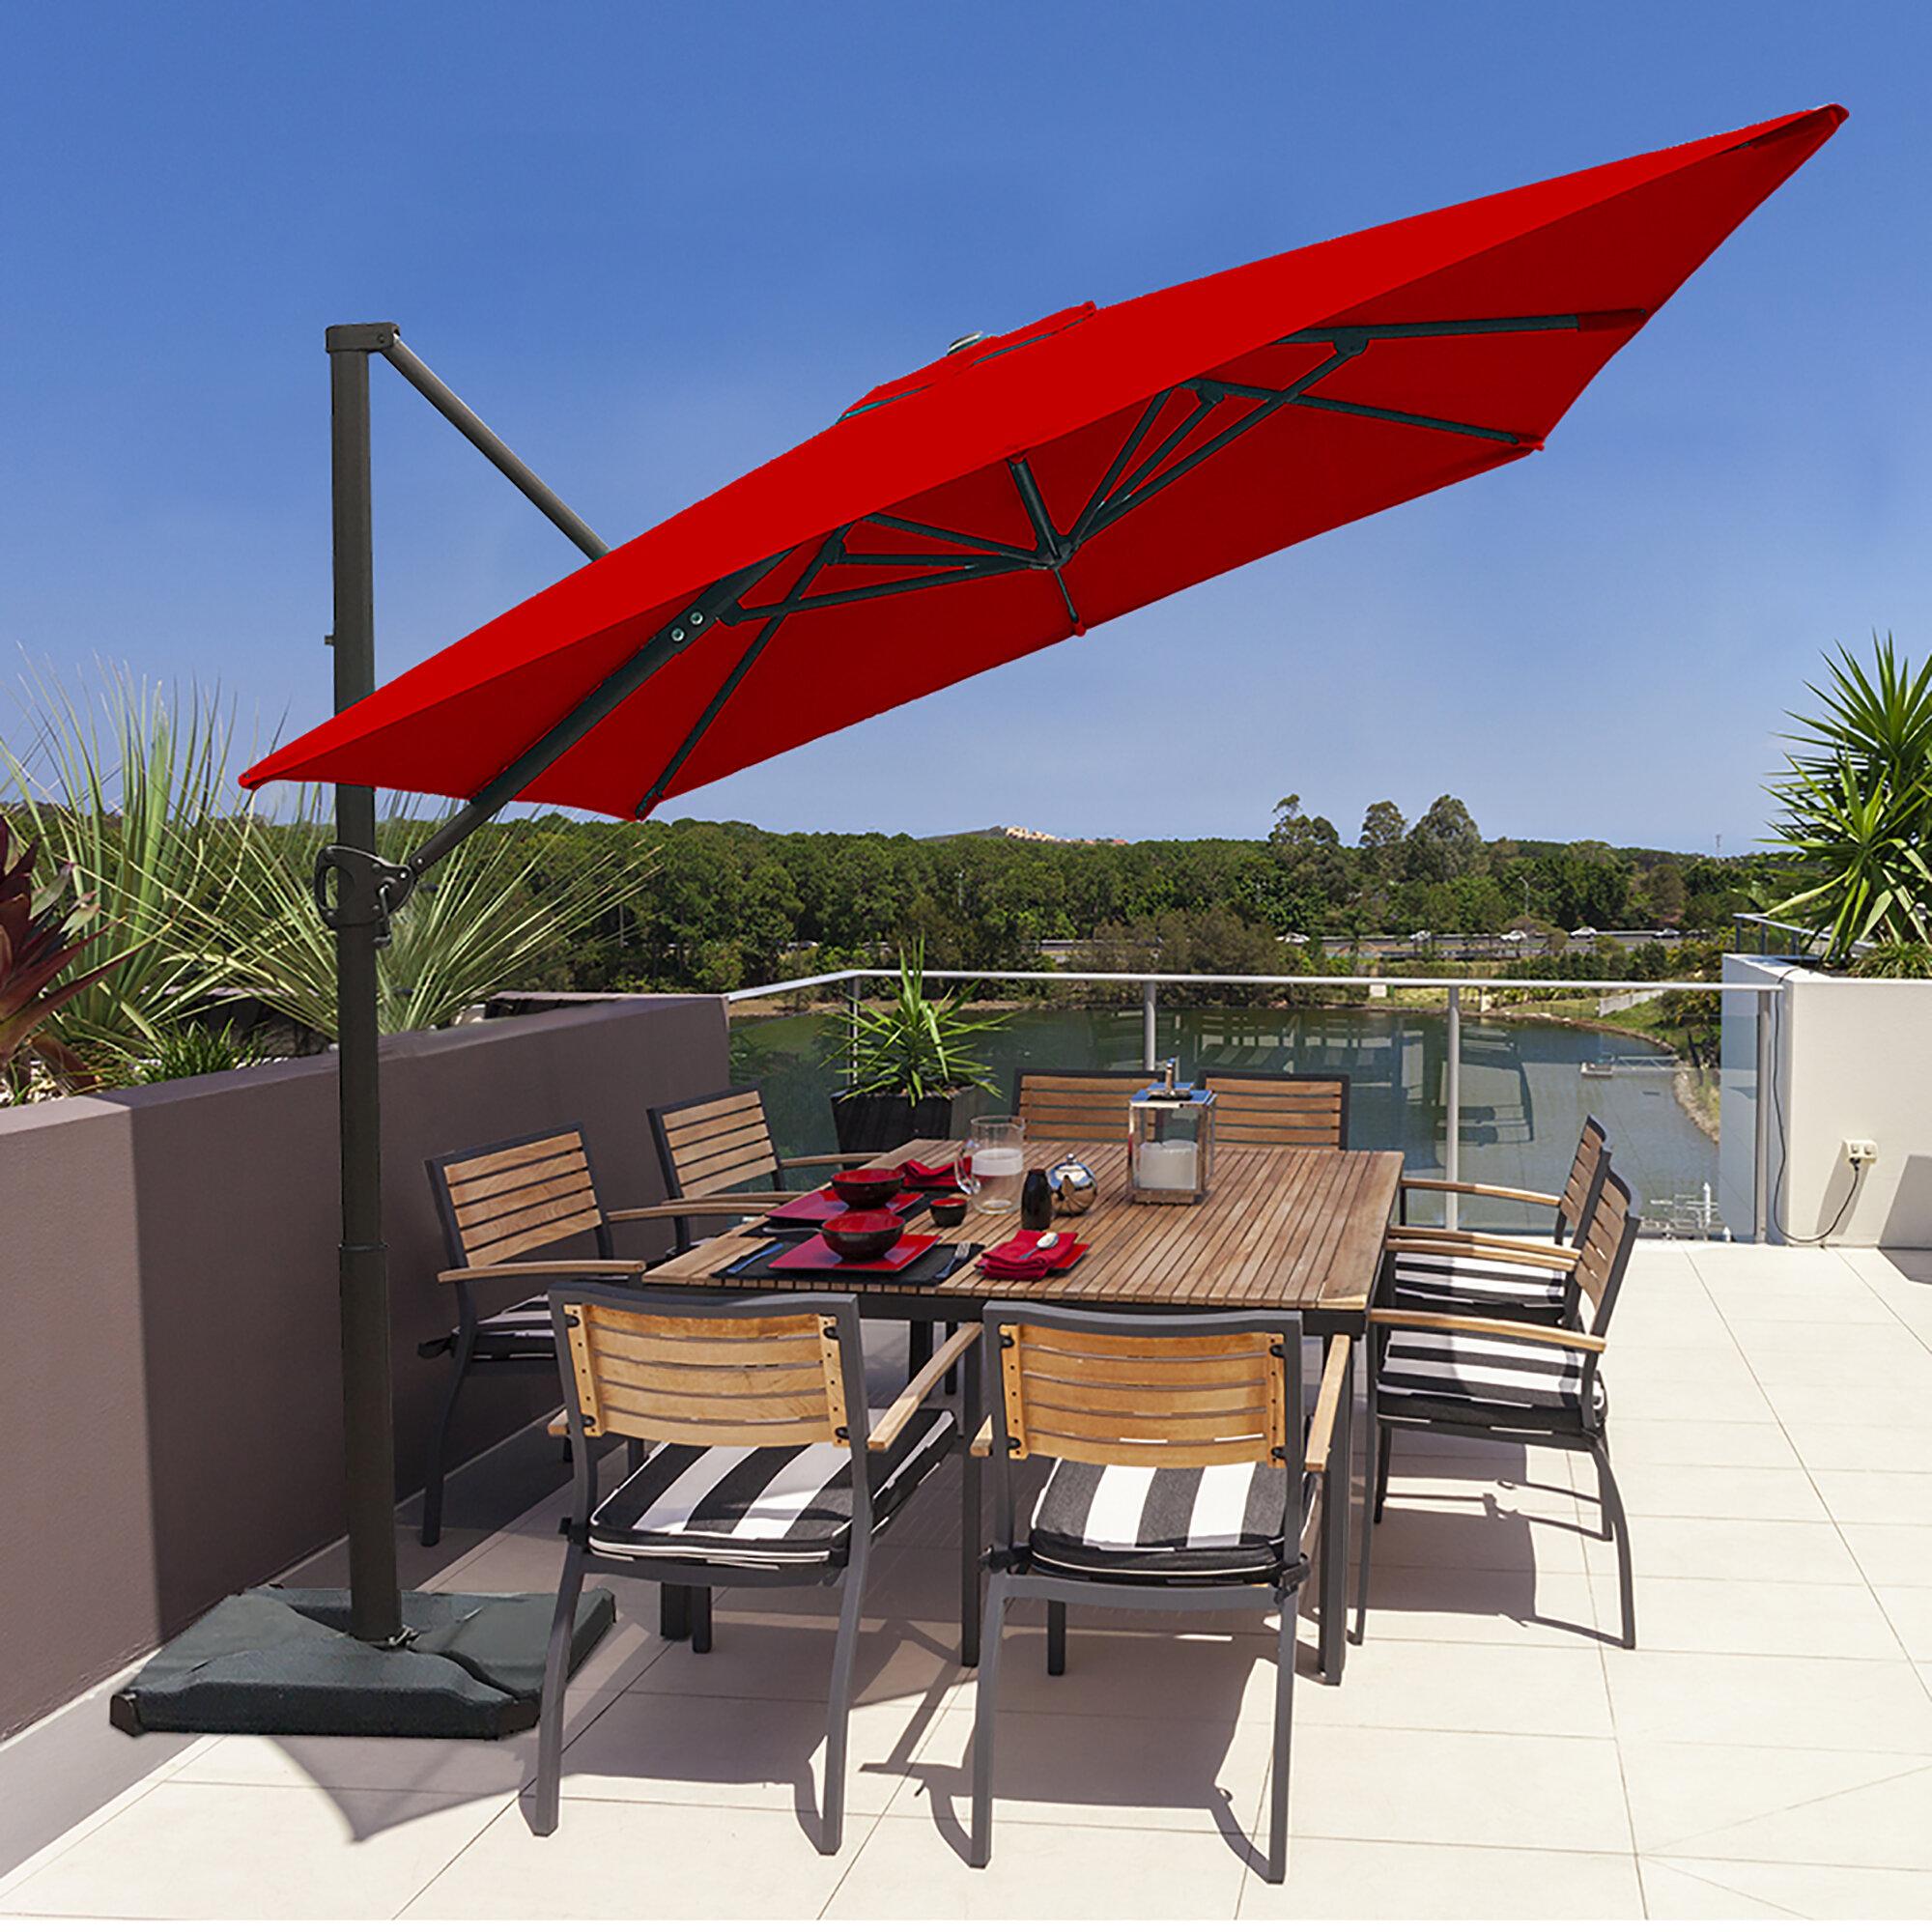 Foot Cantilever Patio Umbrellas